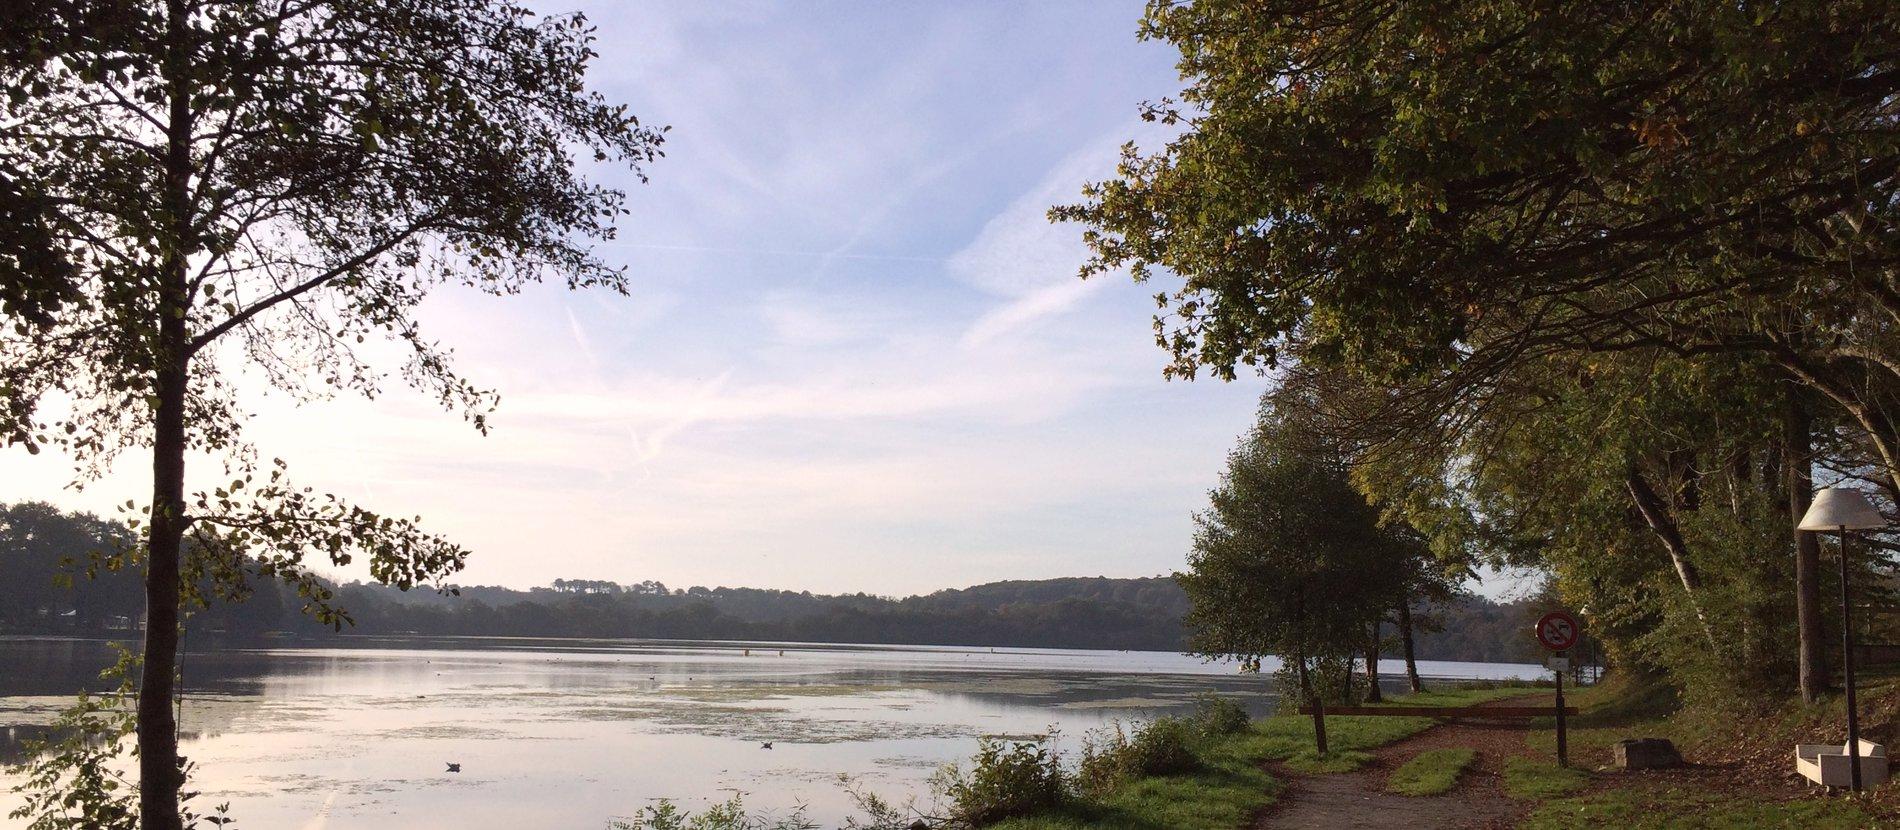 Camping ille et vilaine camping du lac bain de for Camping lac bourget avec piscine